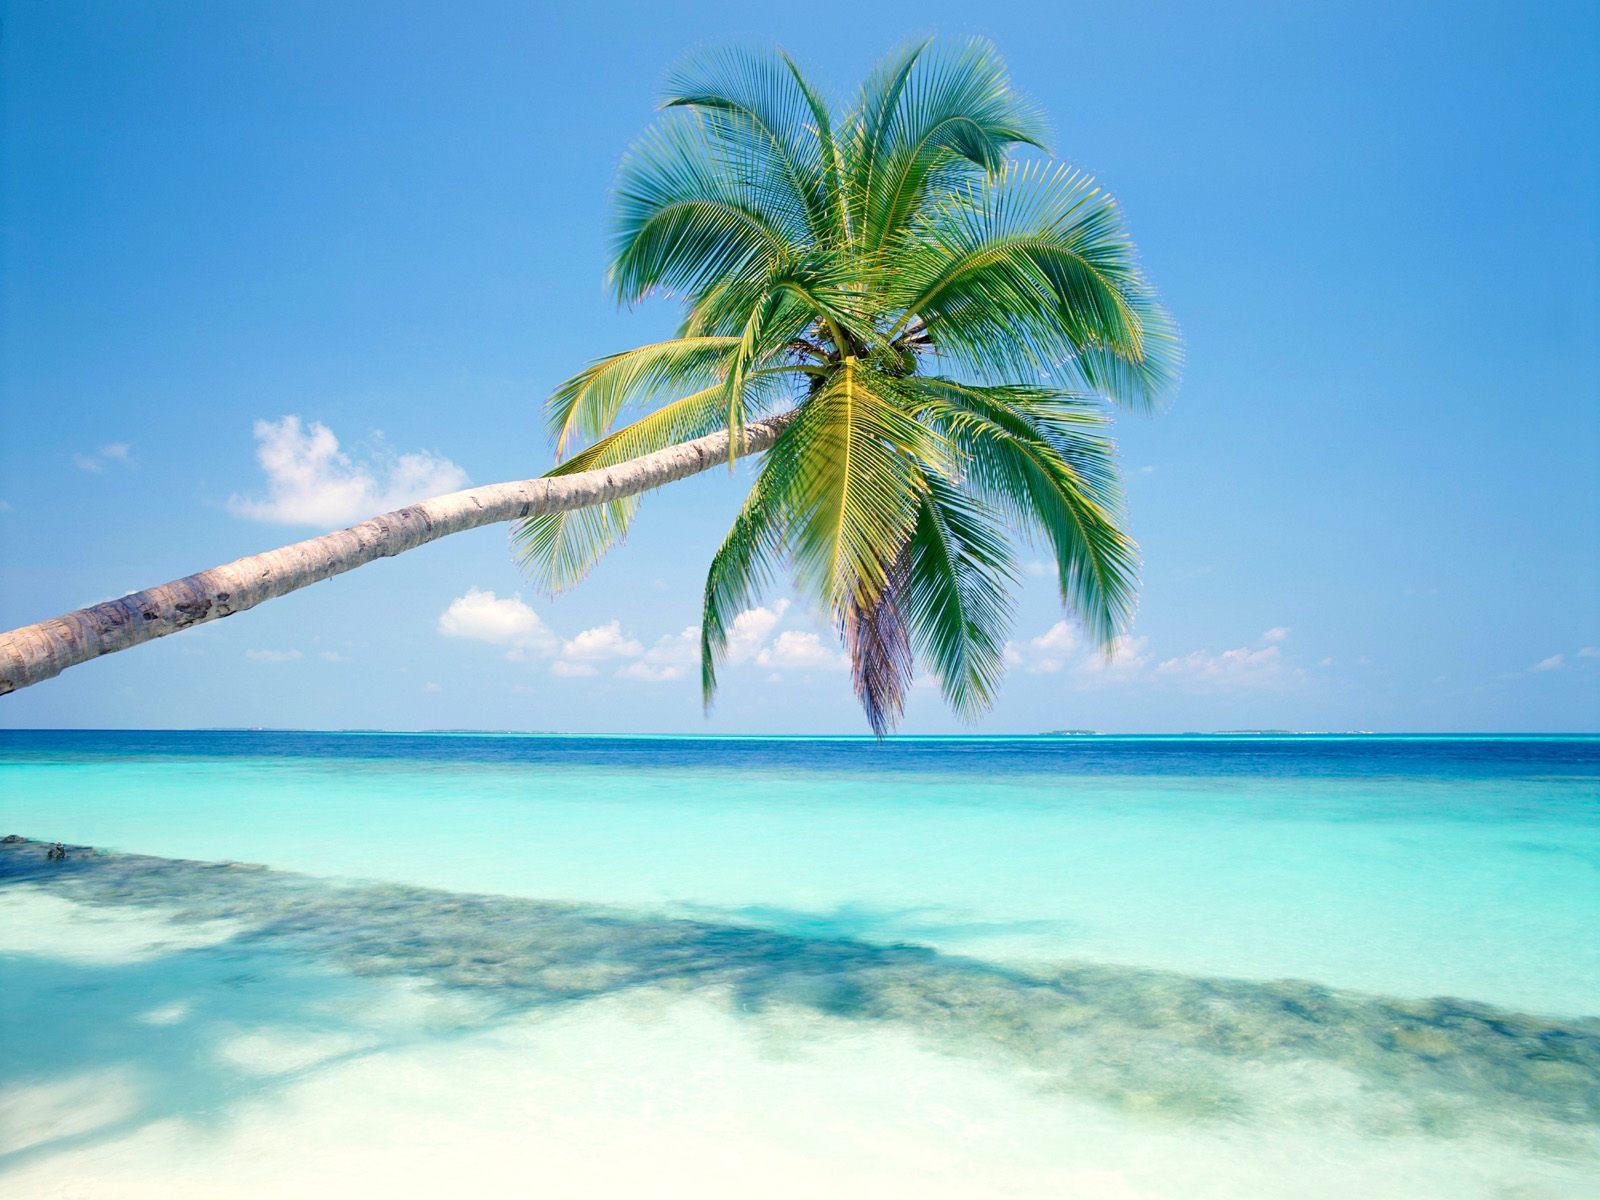 Hd Widescreen Christmas Desktop Wallpaper Tropical Island Wallpapers Hd Wallpapers Id 3739